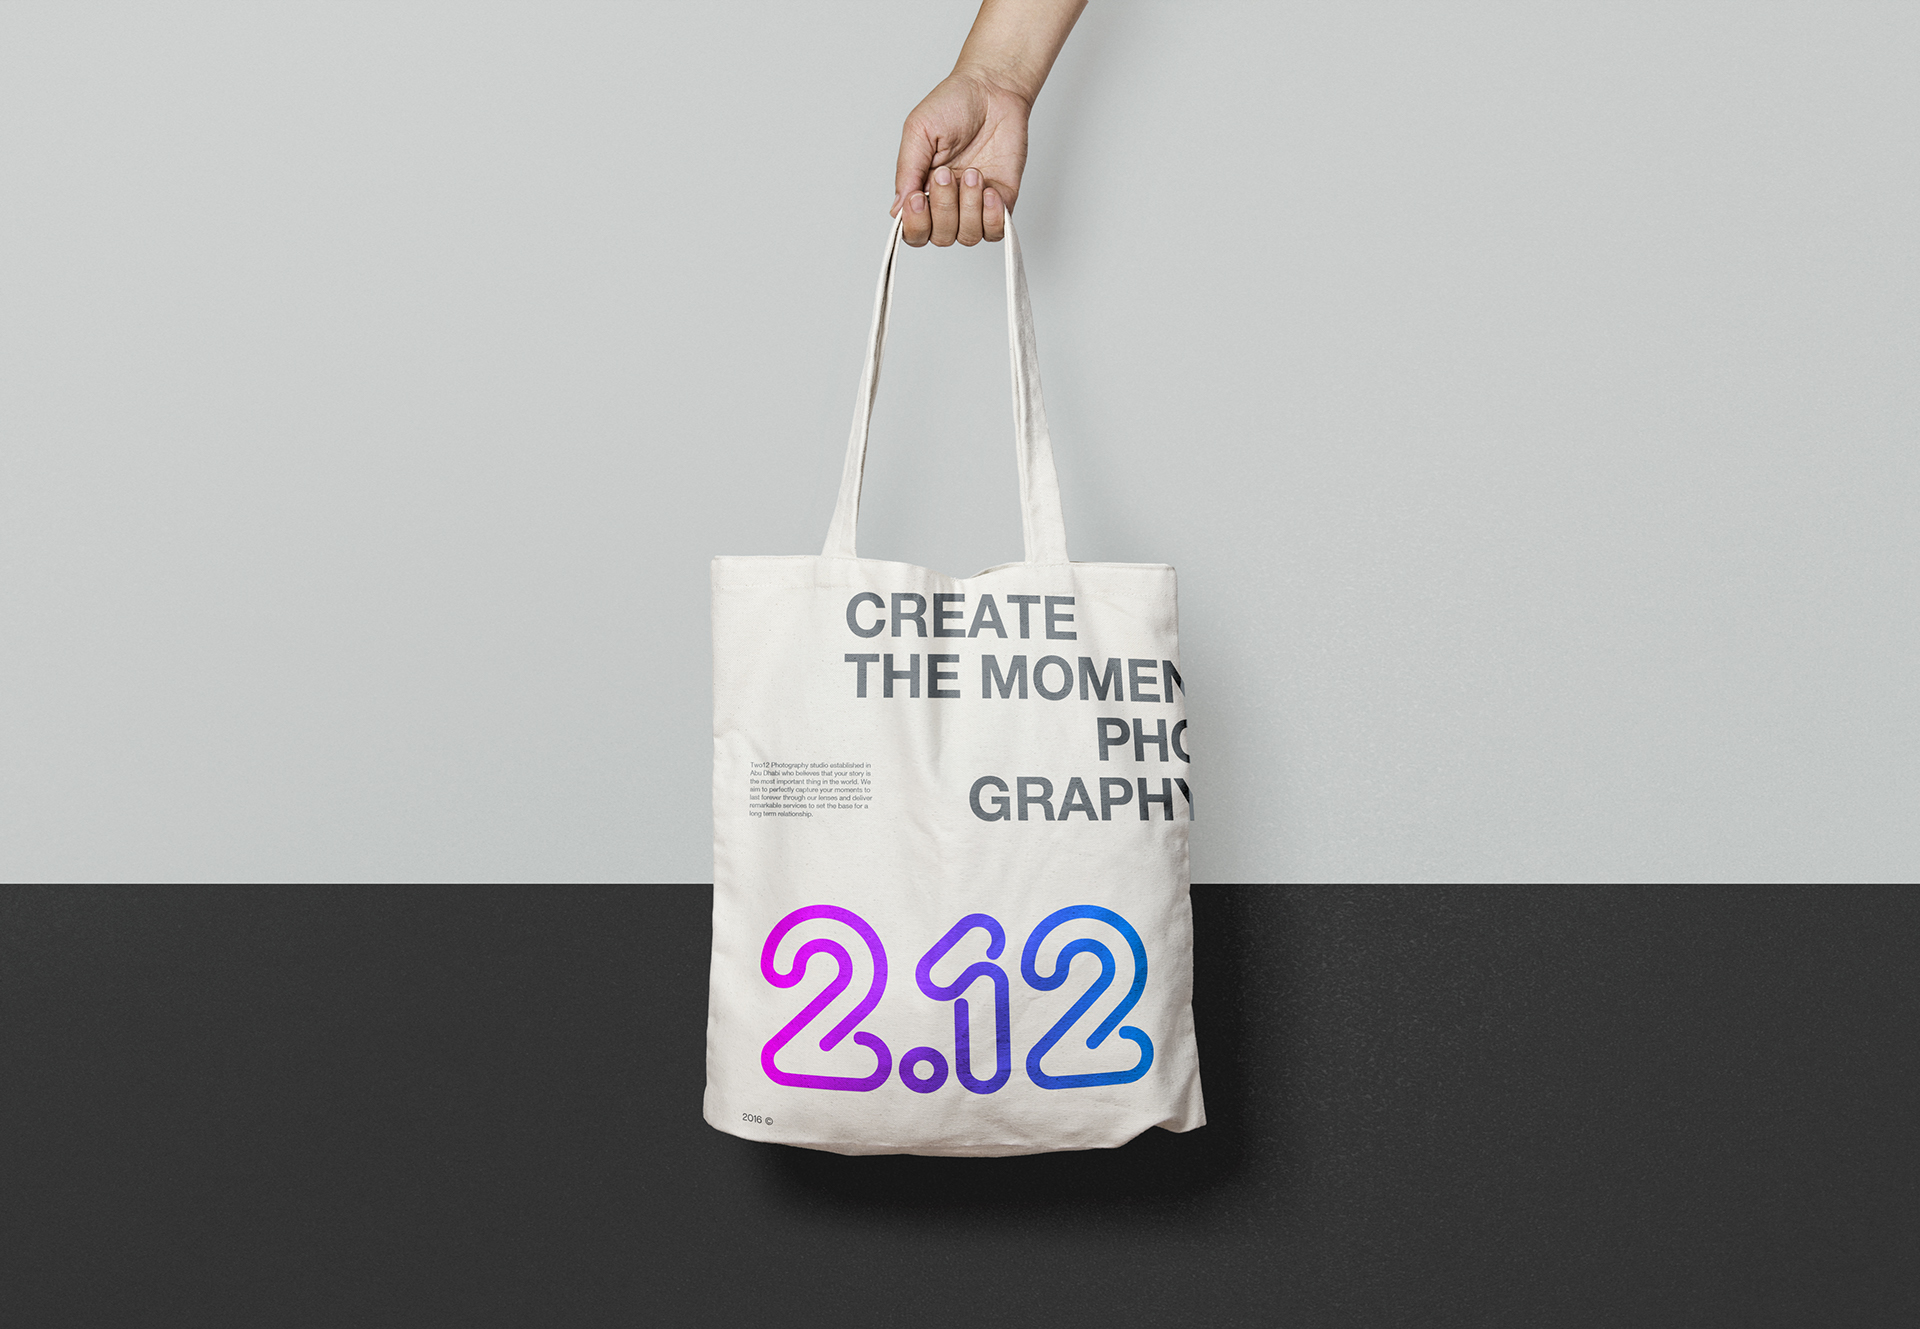 5 Projets de Branding, d'Identité ou de Redesign à voir #5